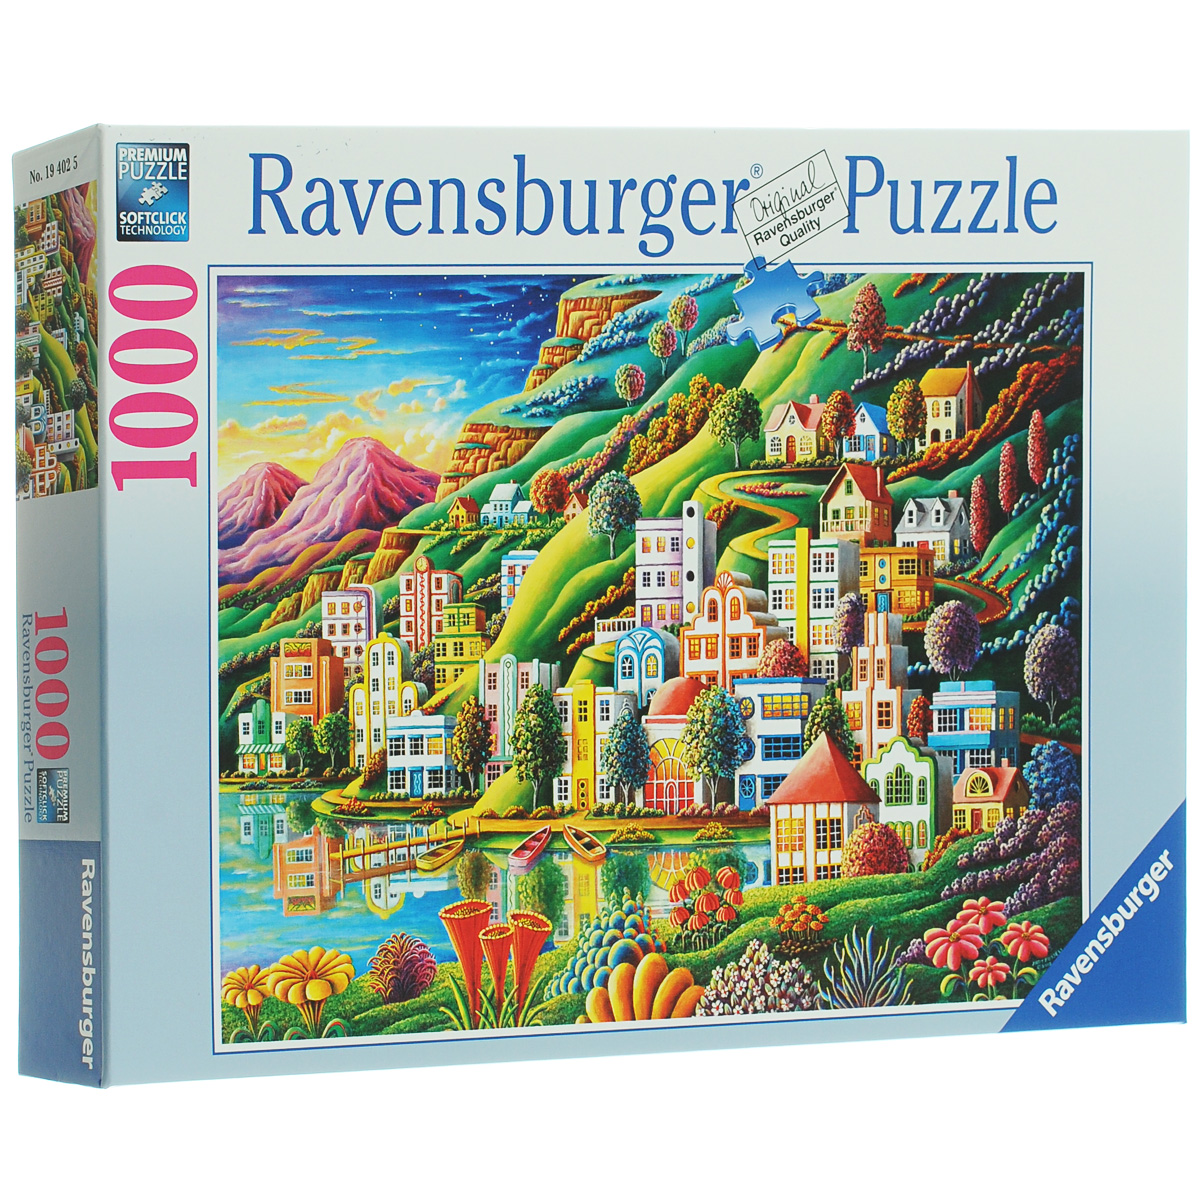 Ravensburger Волшебный город. Пазл, 1000 элементов